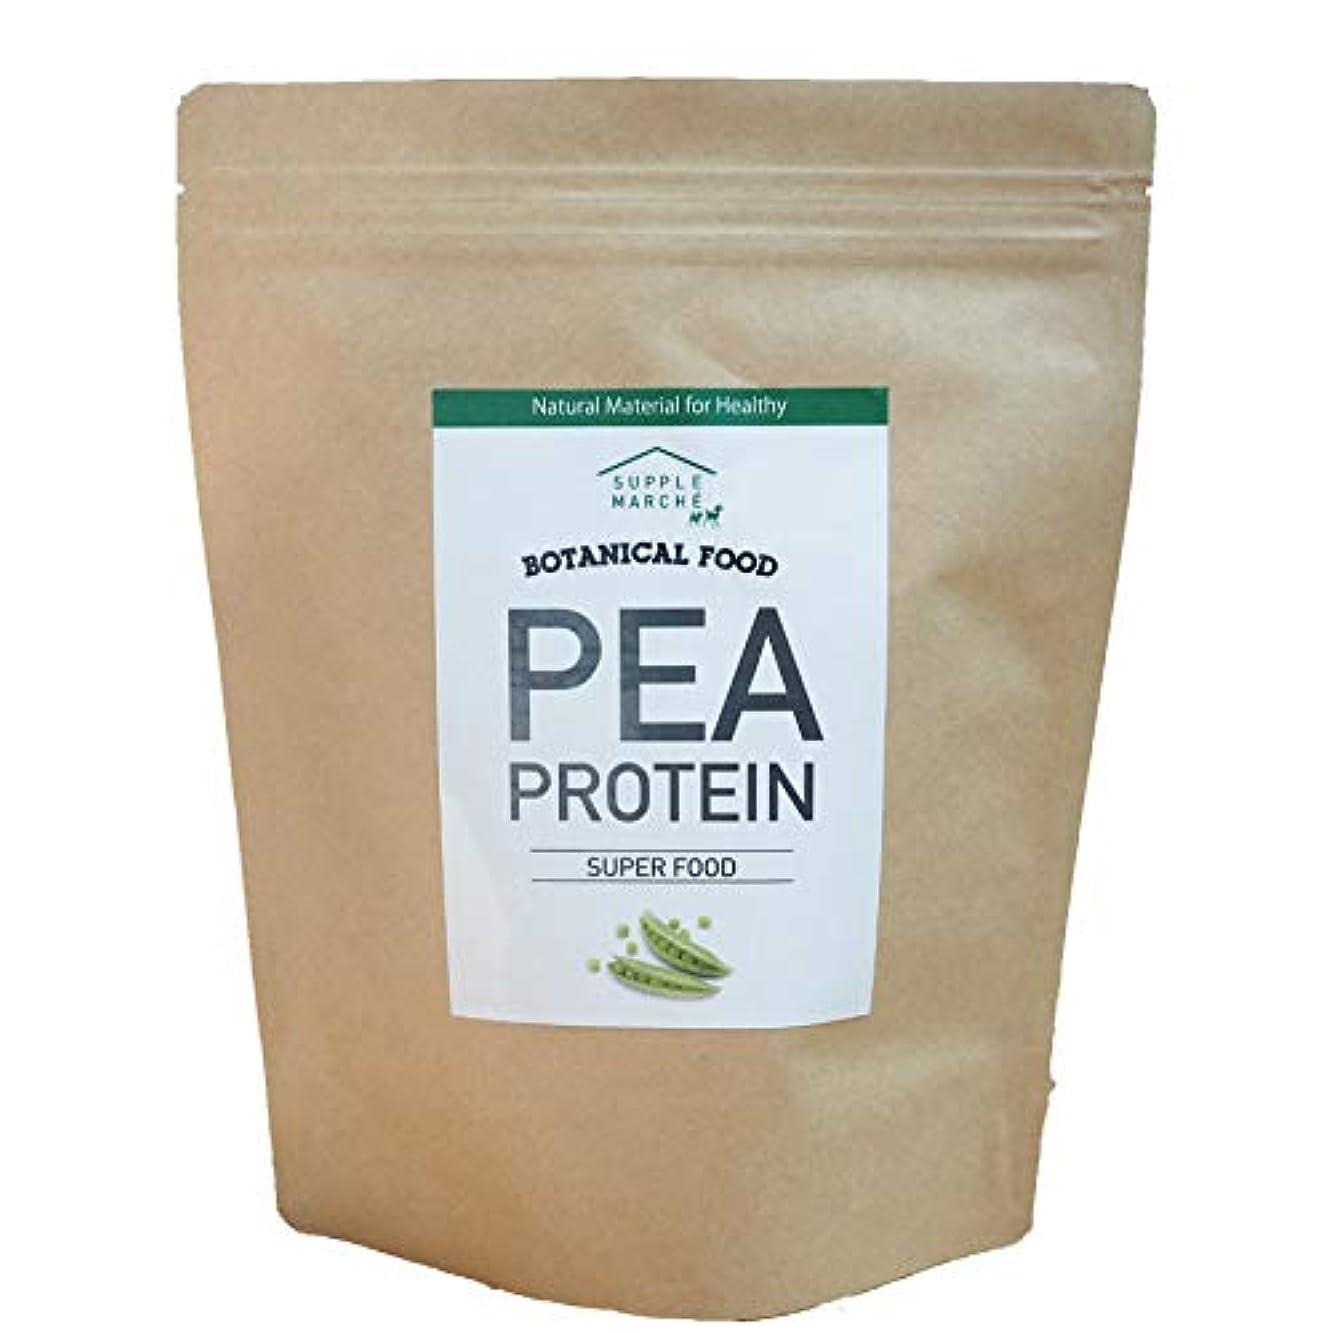 素晴らしい良い多くのルーカメラアレルギーの方に ボタニカル ピープロテイン 500g 無添加 えんどう豆プロテイン ビーガン ダイエット 美容 タンパク質